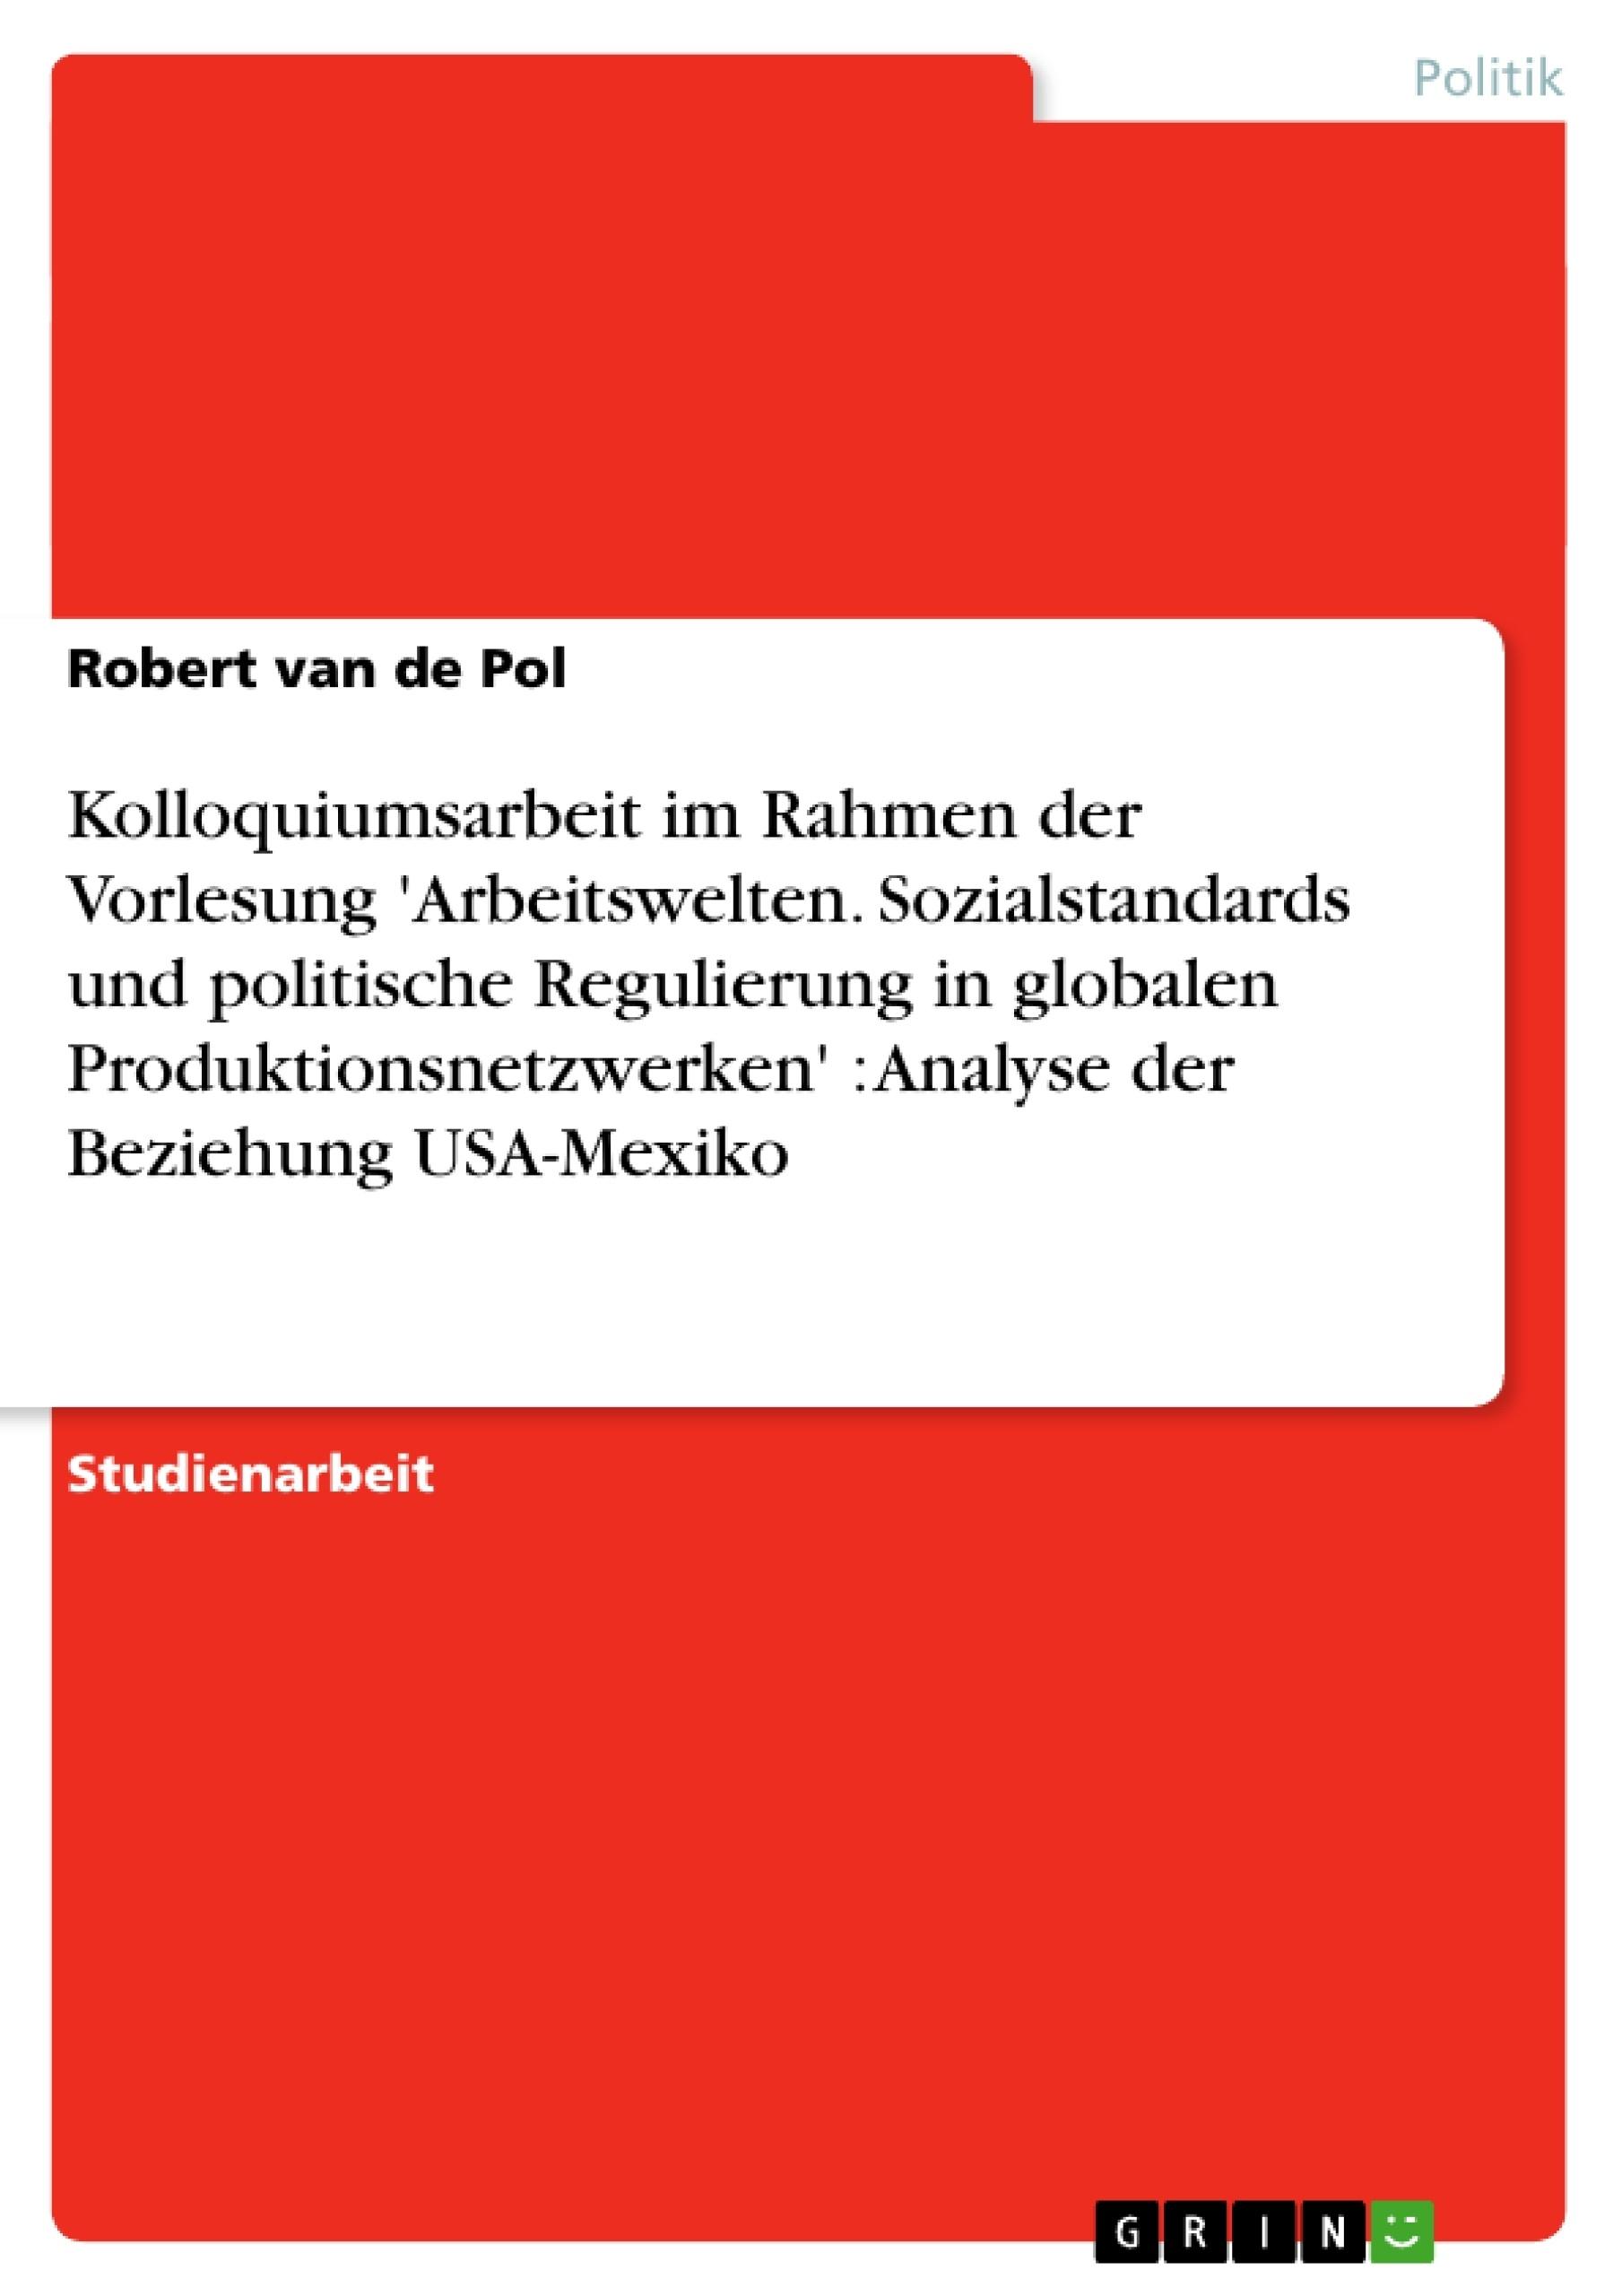 Titel: Kolloquiumsarbeit im Rahmen der Vorlesung 'Arbeitswelten. Sozialstandards und politische Regulierung in globalen Produktionsnetzwerken' : Analyse der Beziehung USA-Mexiko